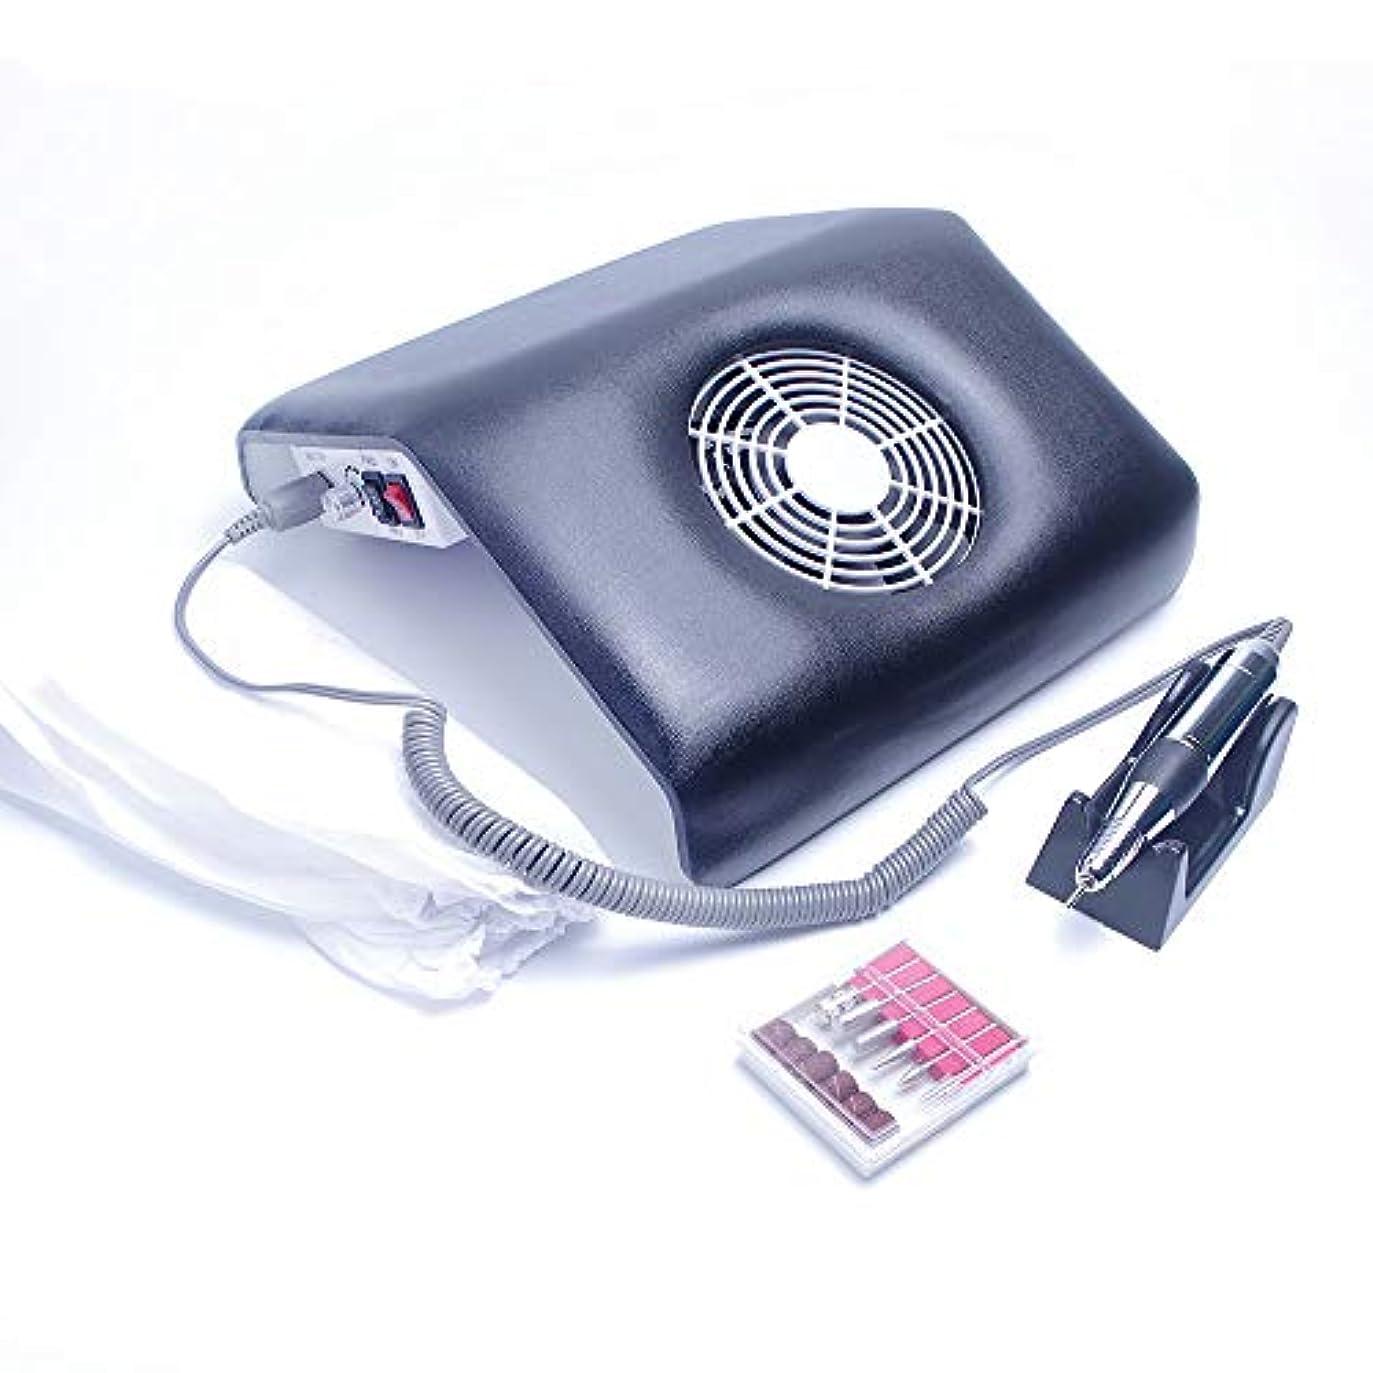 地球方向カーフ集塵機 ネイル ダストコレクター ネイルドリル ネイルマシーン ネイルマシン 電動ネイルファイル 電動ネイルケア ネイルオフ ジェルネイルオフ ジェルオフ セルフネイル